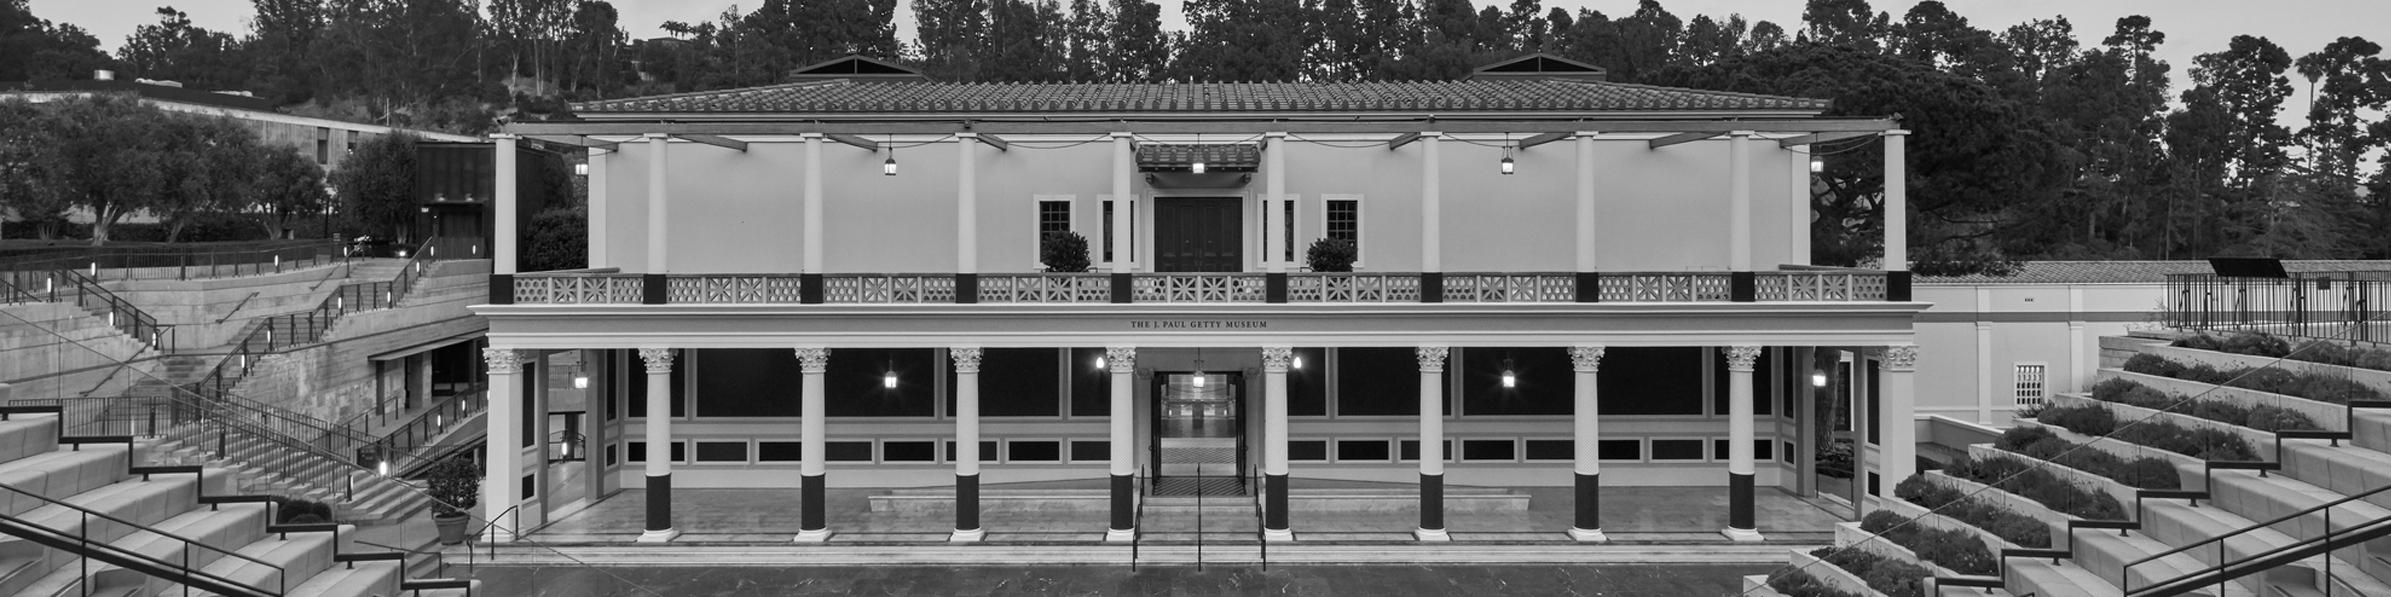 Outdoor auditorium